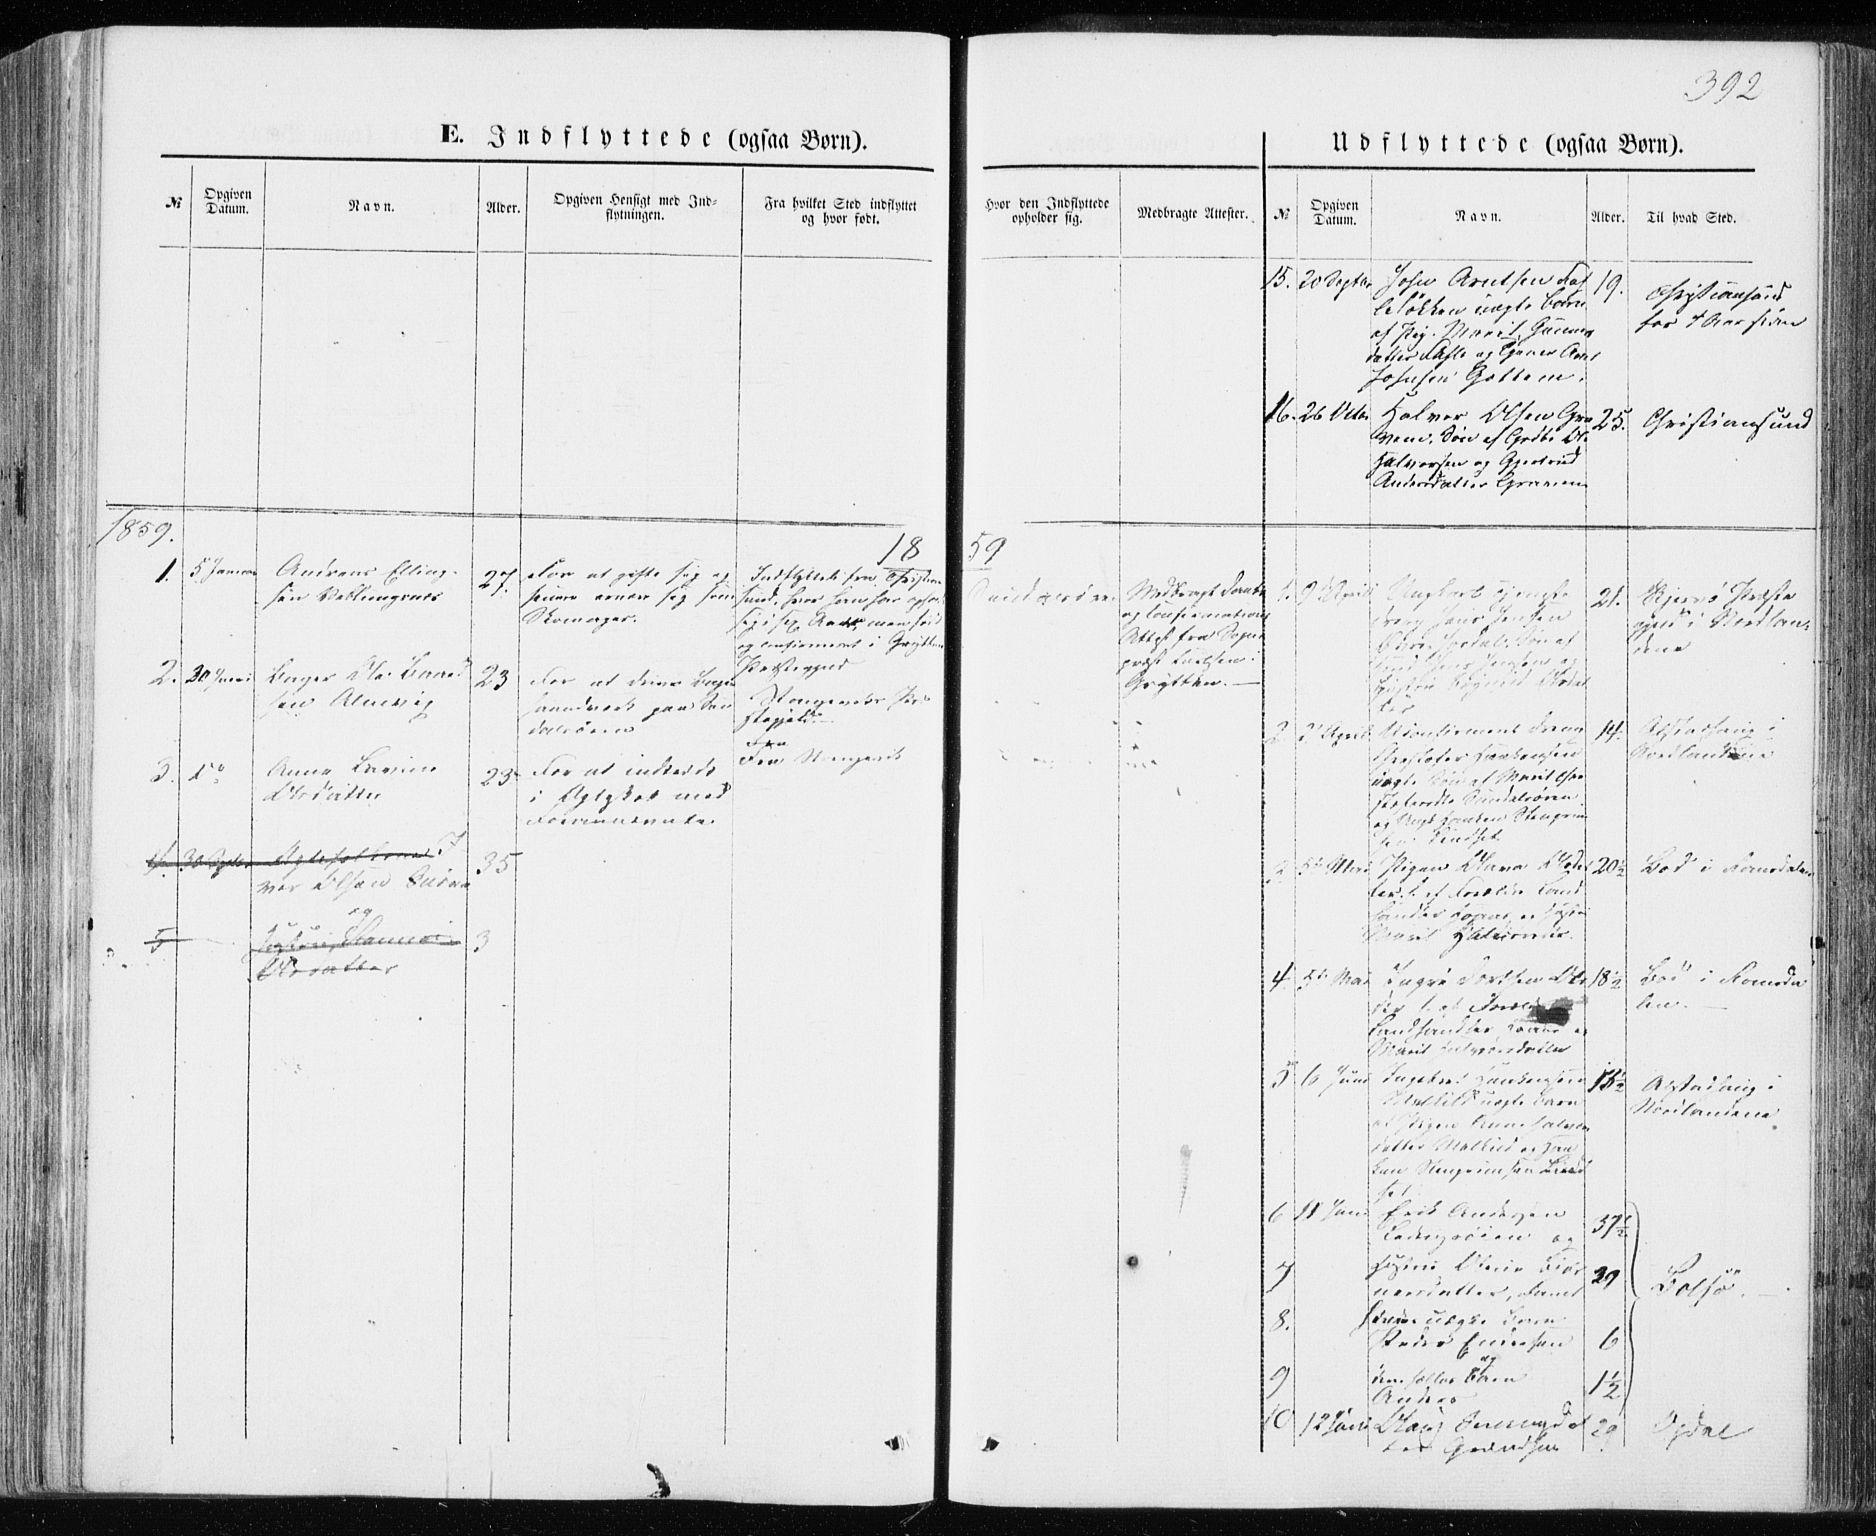 SAT, Ministerialprotokoller, klokkerbøker og fødselsregistre - Møre og Romsdal, 590/L1013: Ministerialbok nr. 590A05, 1847-1877, s. 392